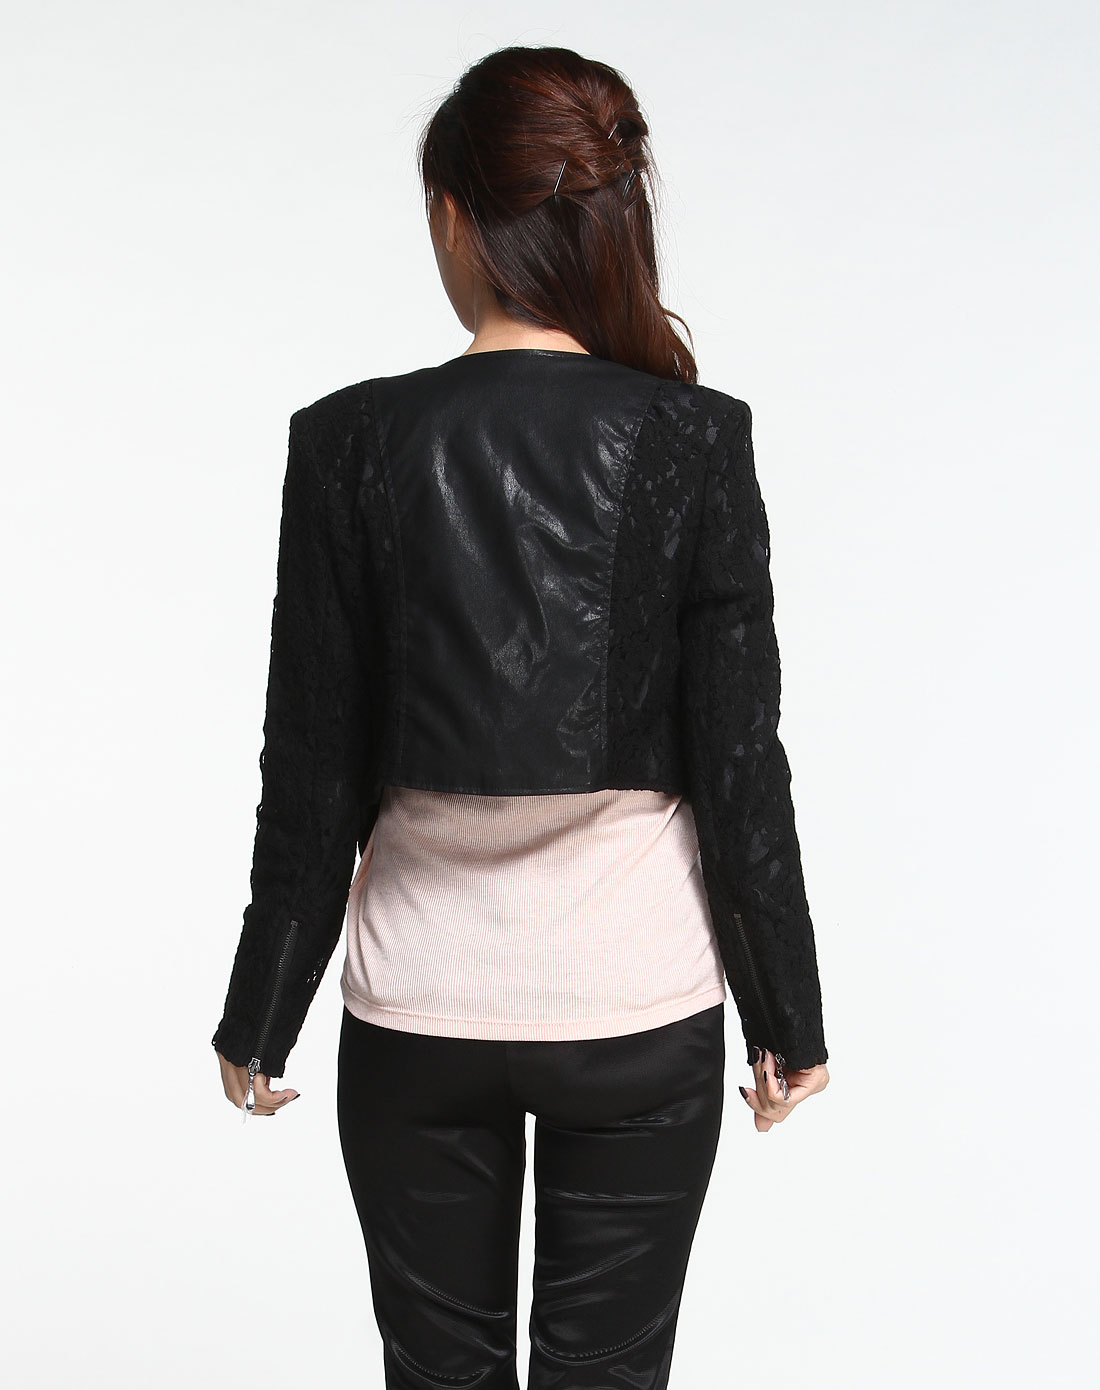 en黑色蕾丝花纹长袖外套0111b150109